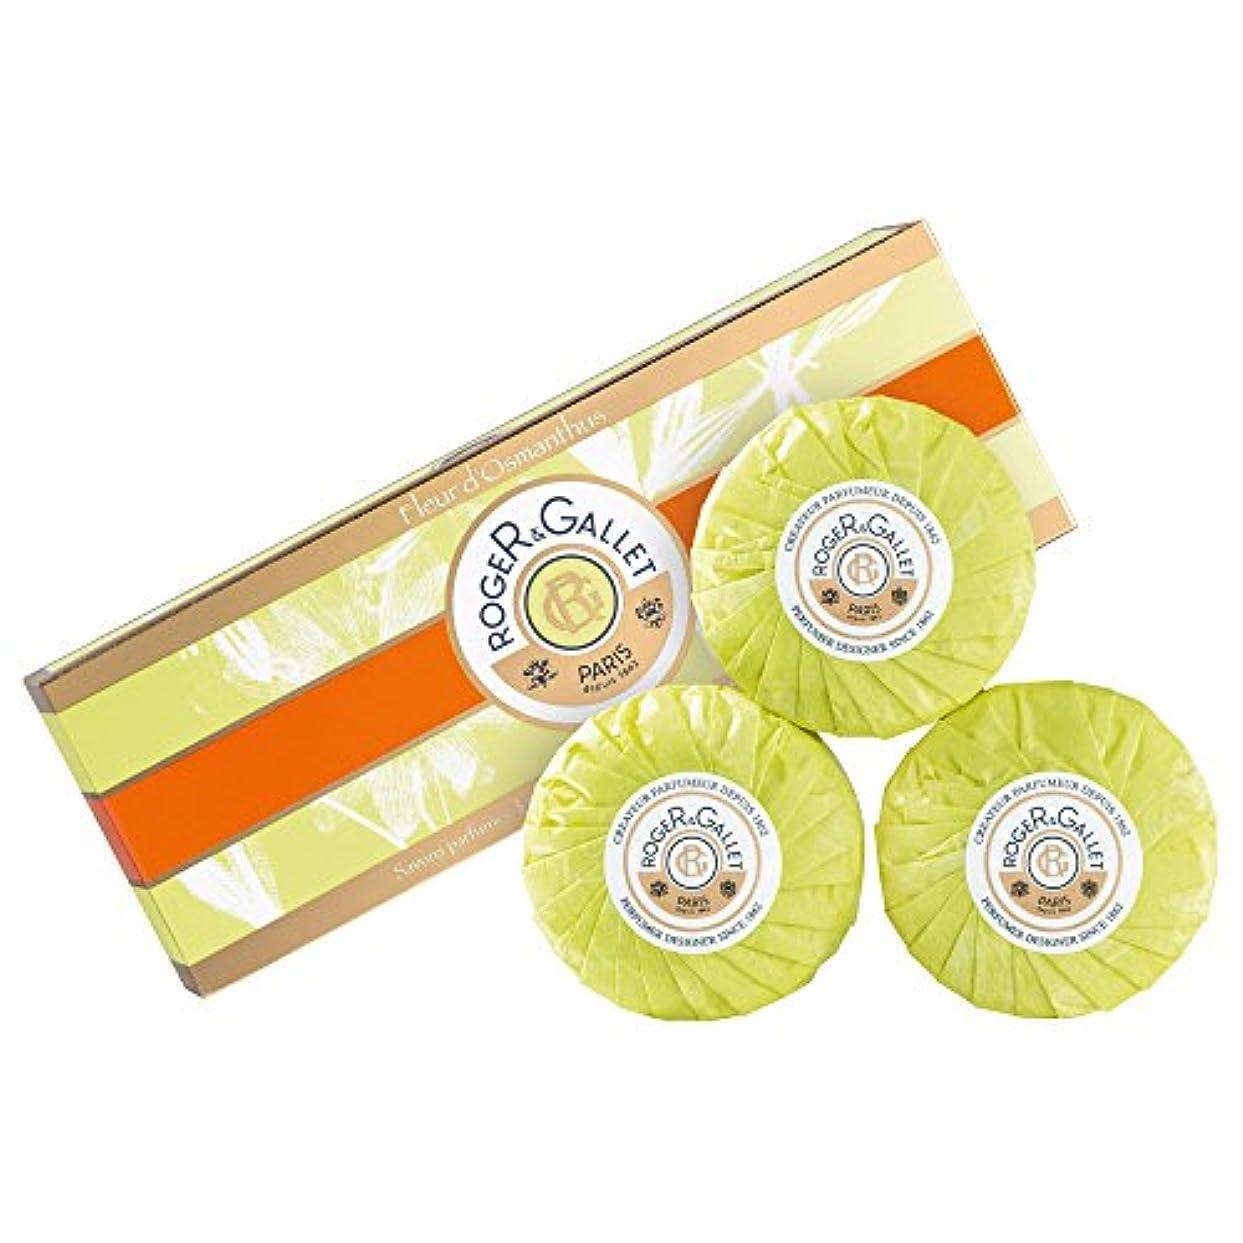 スライムオートアルコールロジャー&Galletのフルールドールキンモクセイソープコフレ3つのX 100グラム (Roger & Gallet) (x6) - Roger & Gallet Fleur d'Osmanthus Soap Coffret...